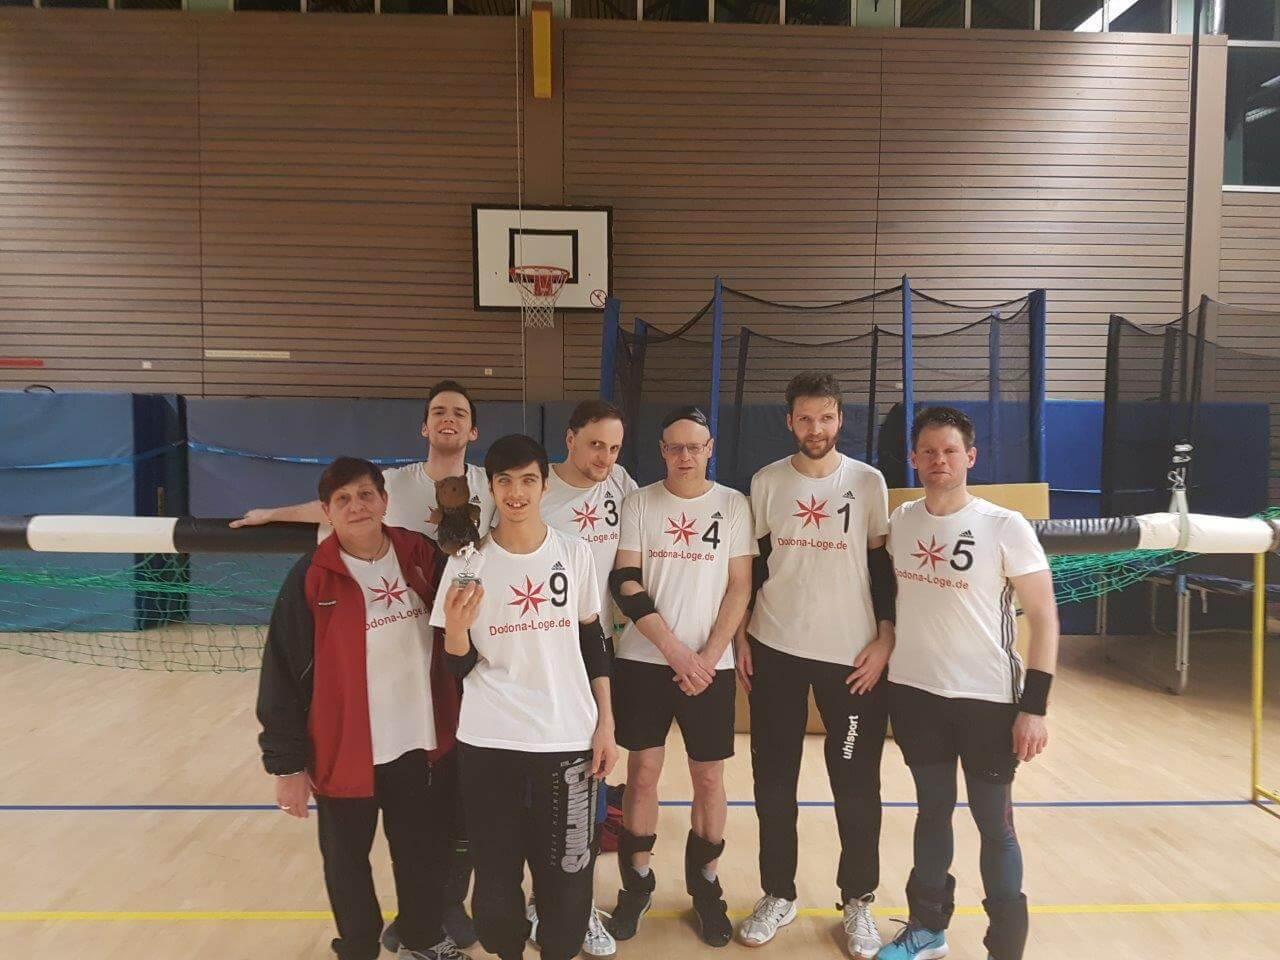 BBSV Mannschaftsfoto mit Siegerpokal